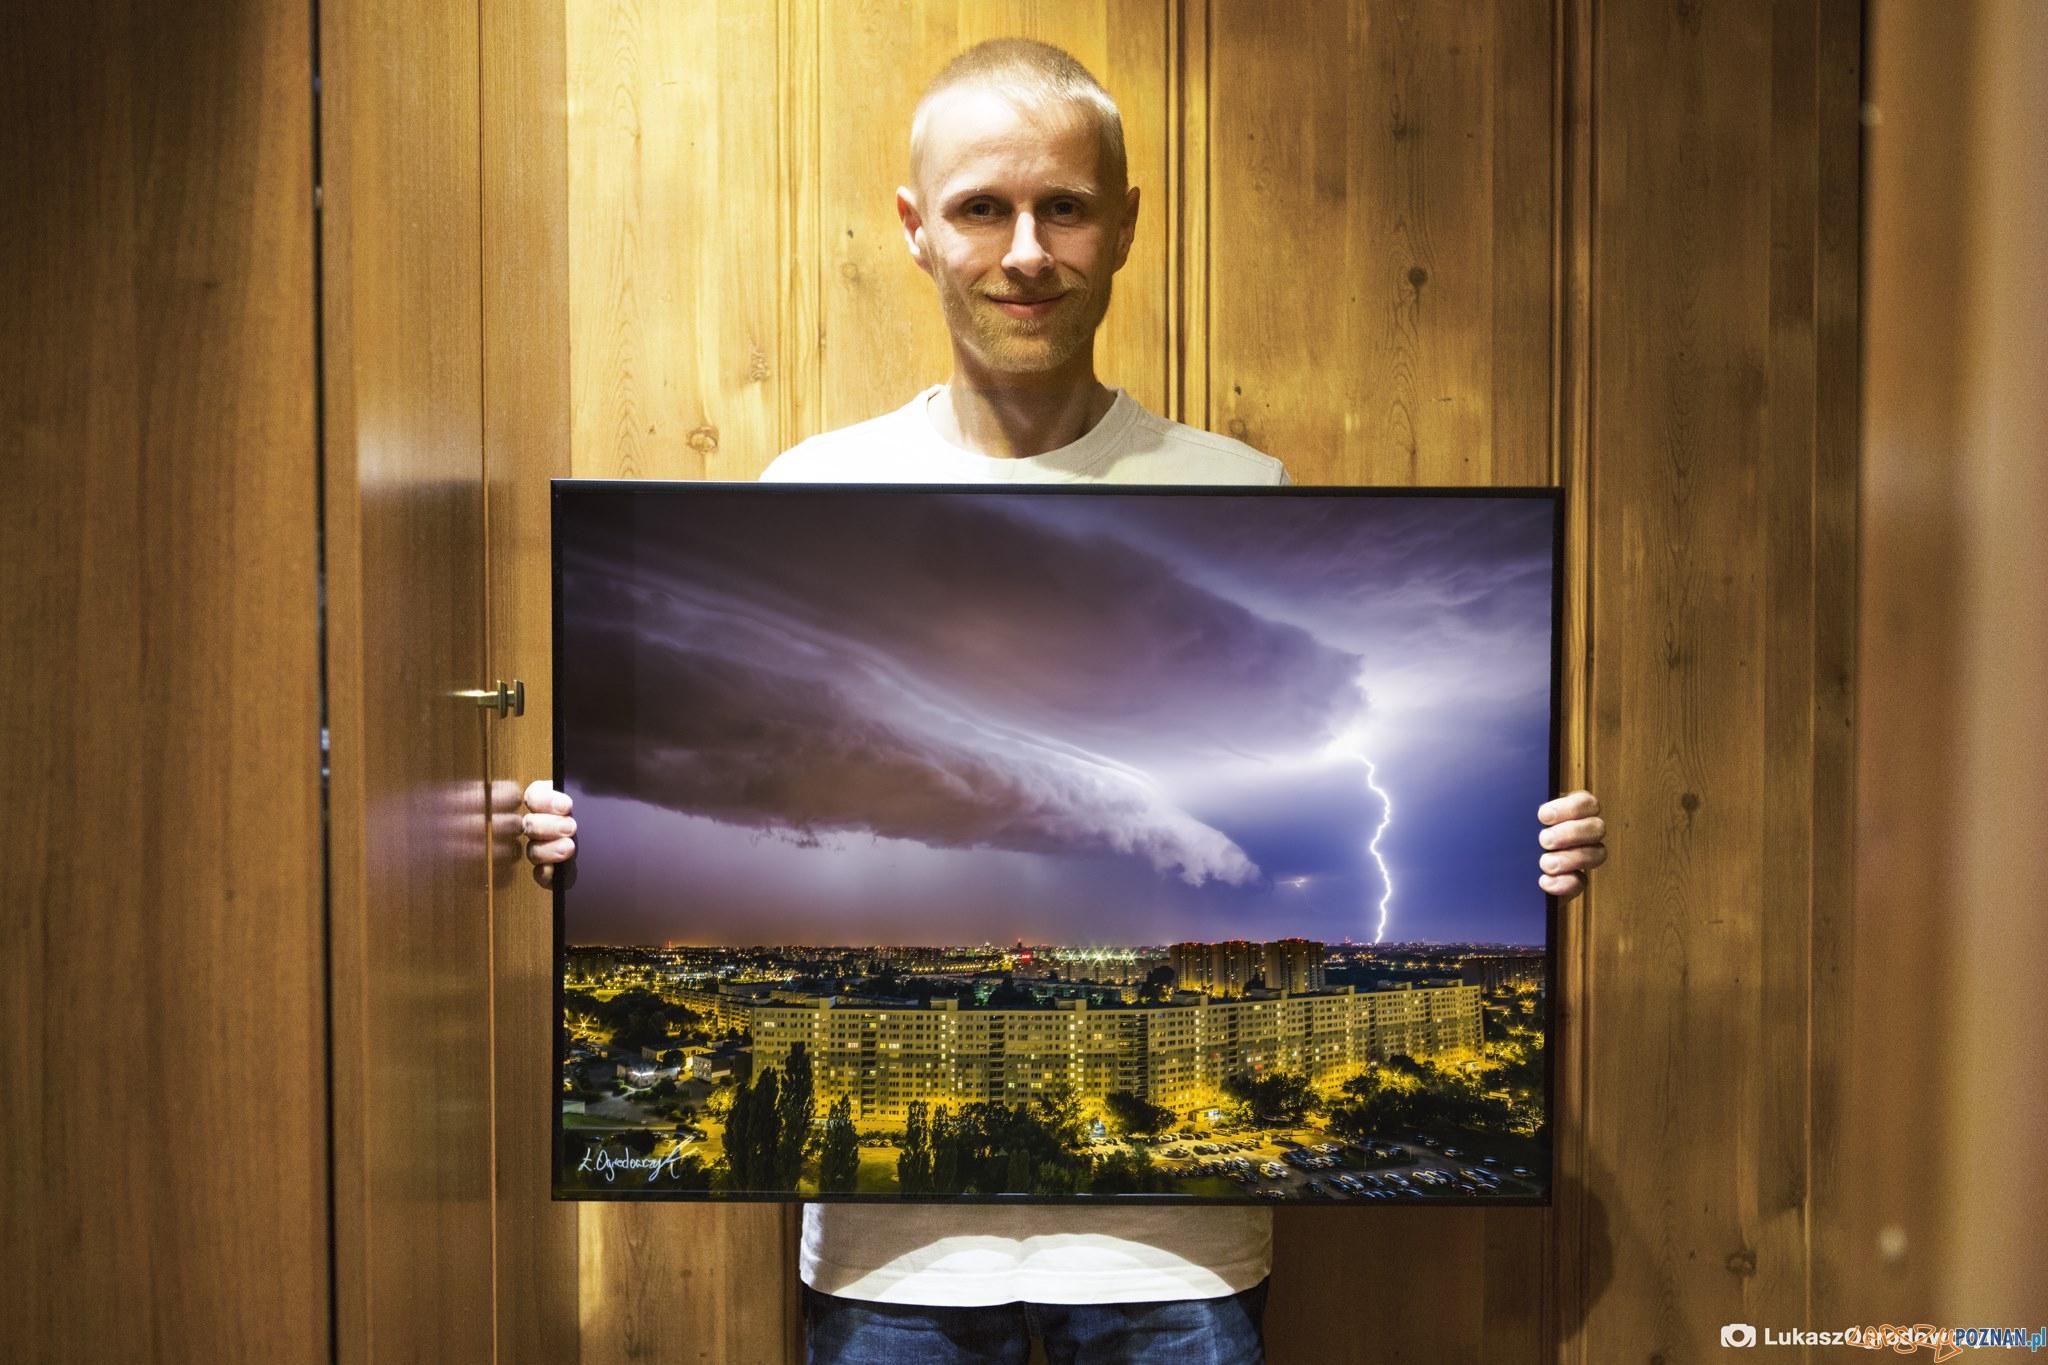 Burza dla WOŚP  Foto: Lukasz Ogrodowczyk  Bemore.pl